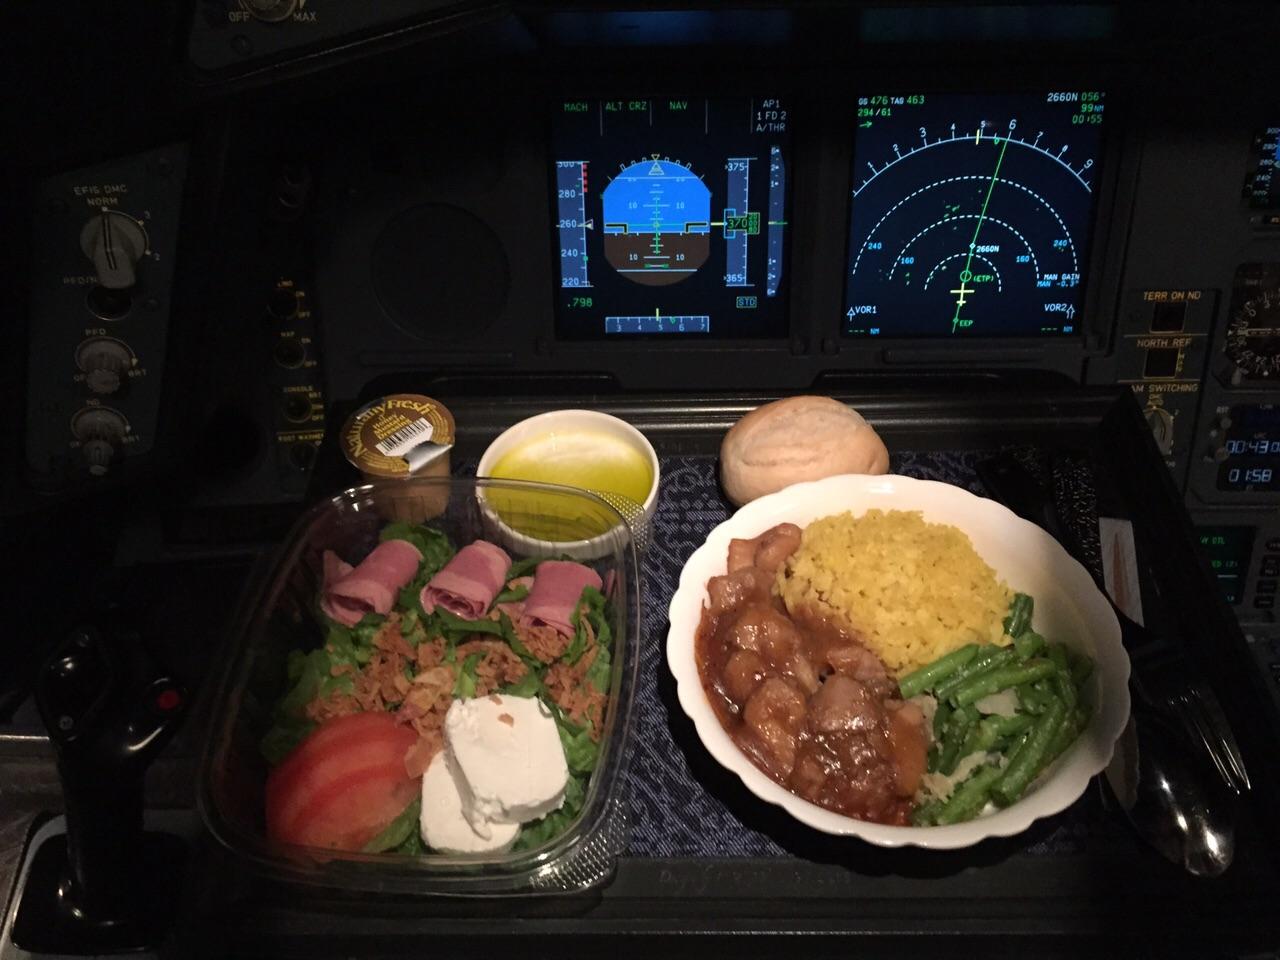 Airplane food-pilot-eat